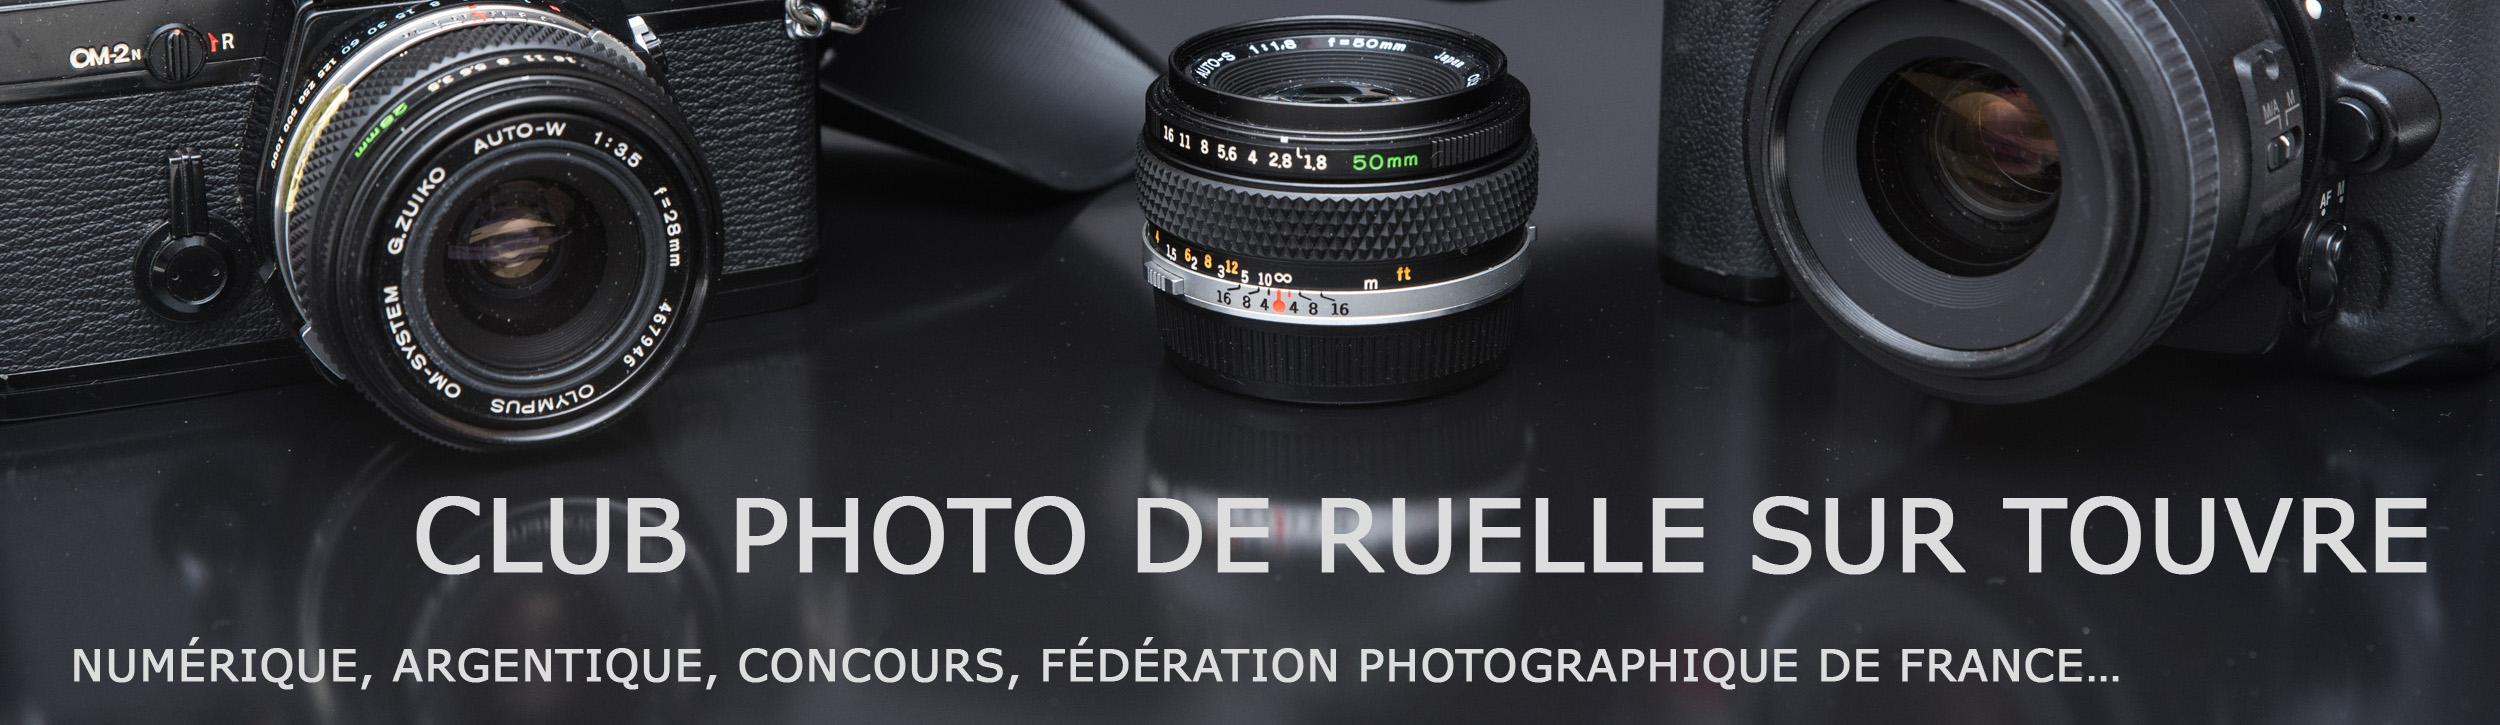 Club Photo de Ruelle sur Touvre